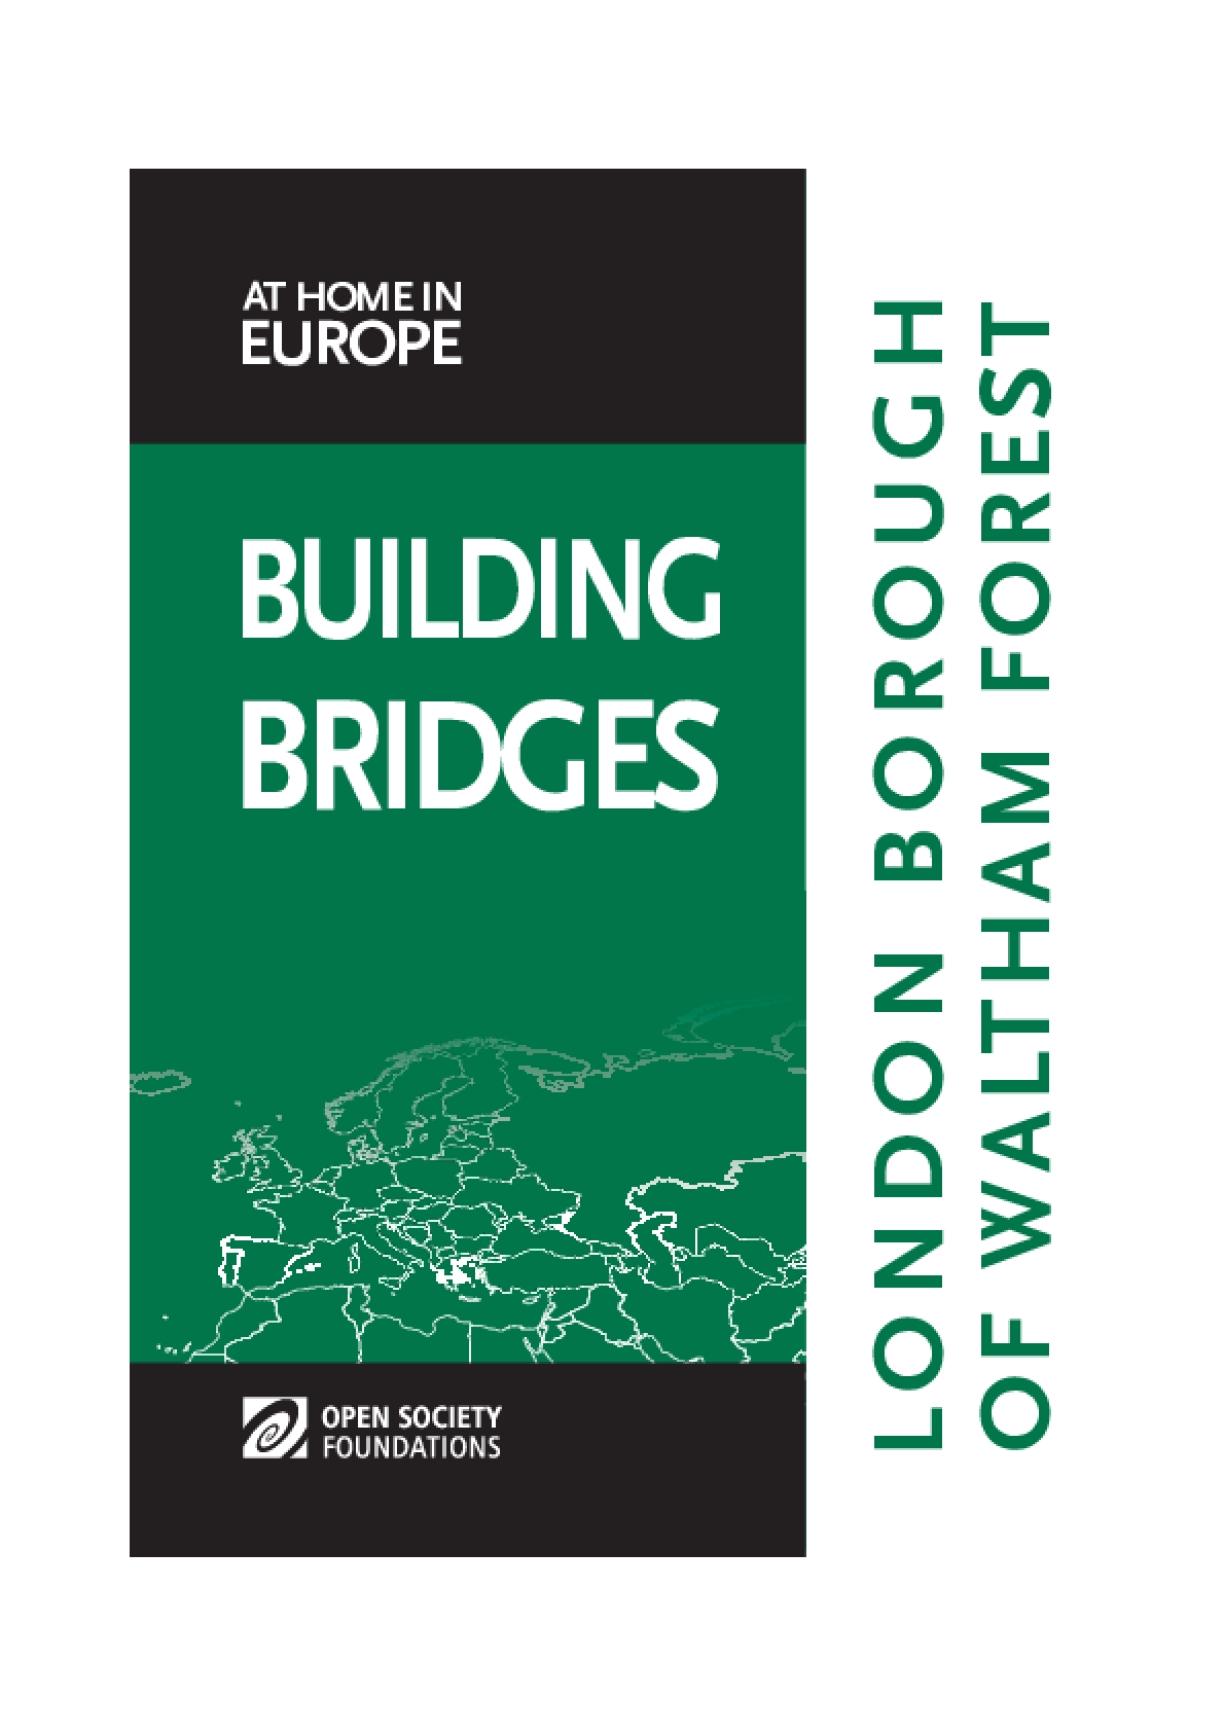 Building Bridges: London Borough of Waltham Forest